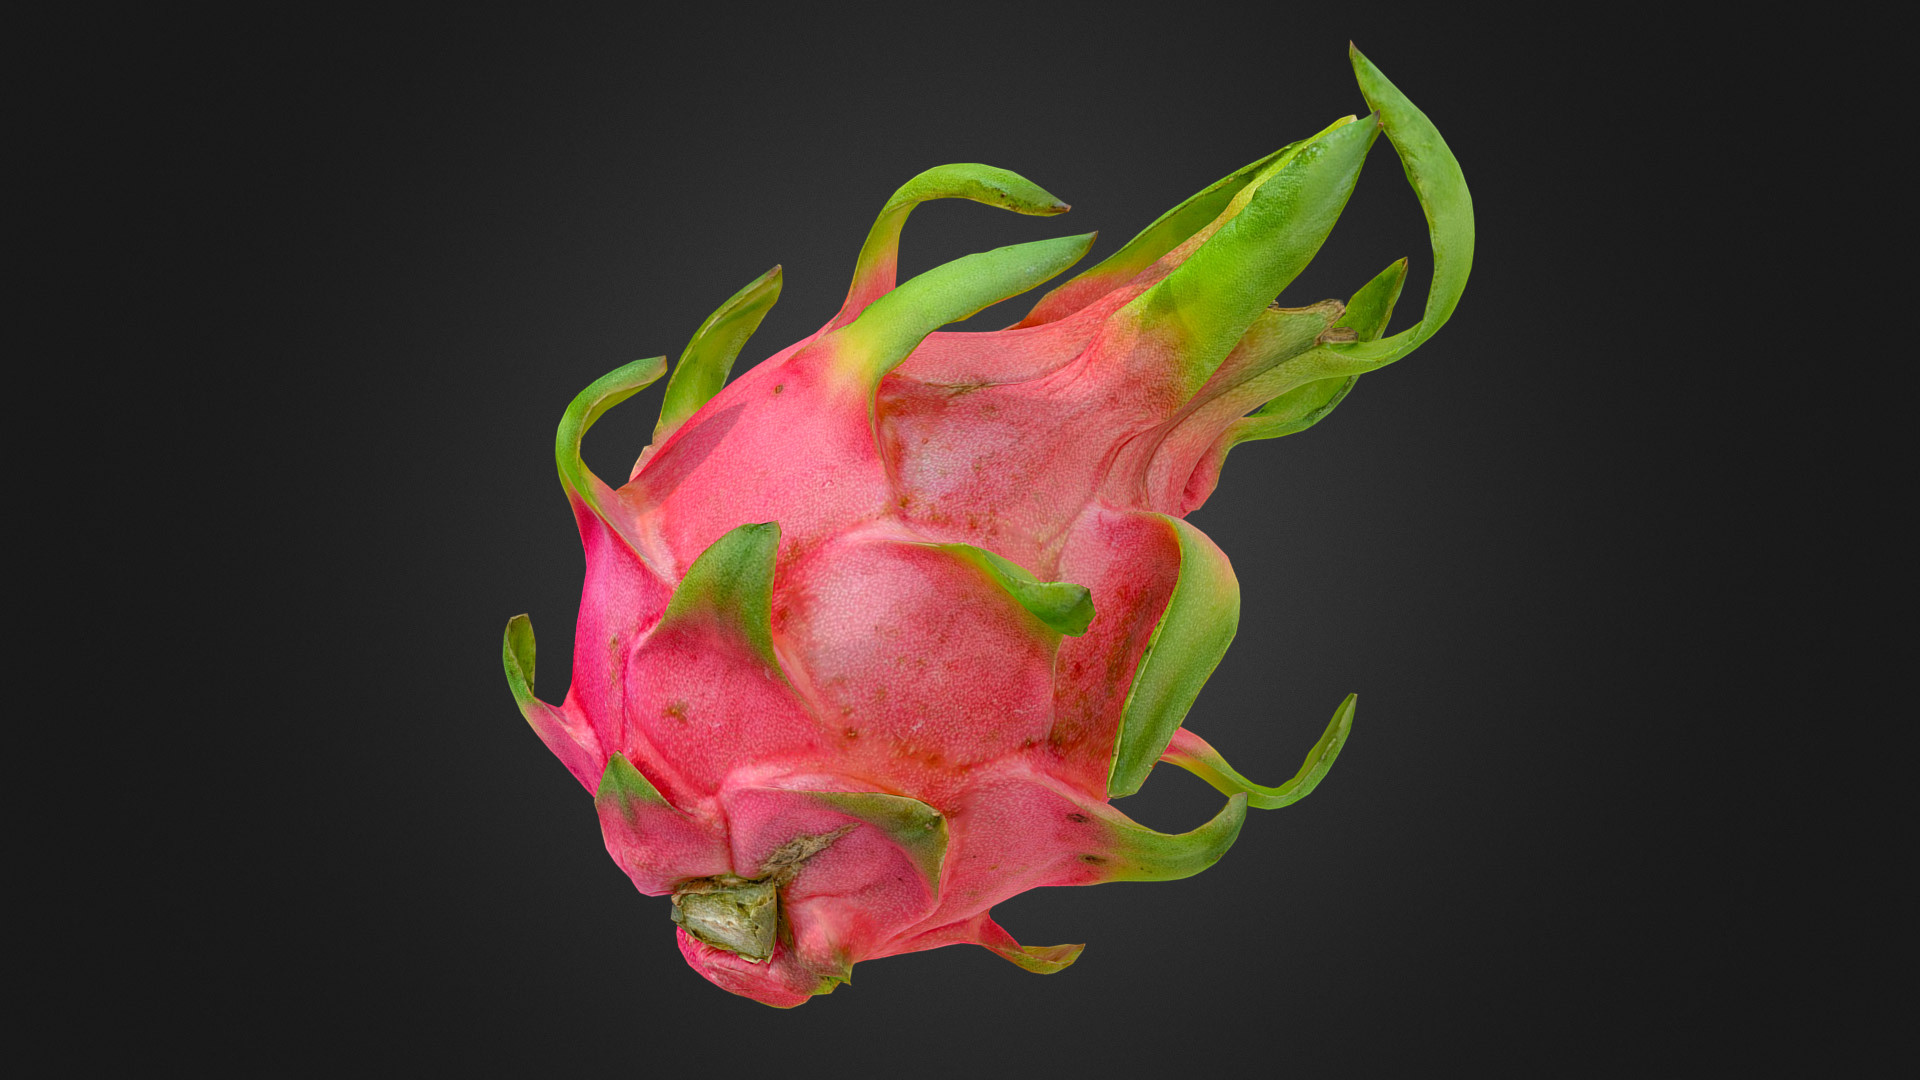 ArtStation - Dragon Fruit (Pitaya) for #3DScanFruitVeg (SketchFab